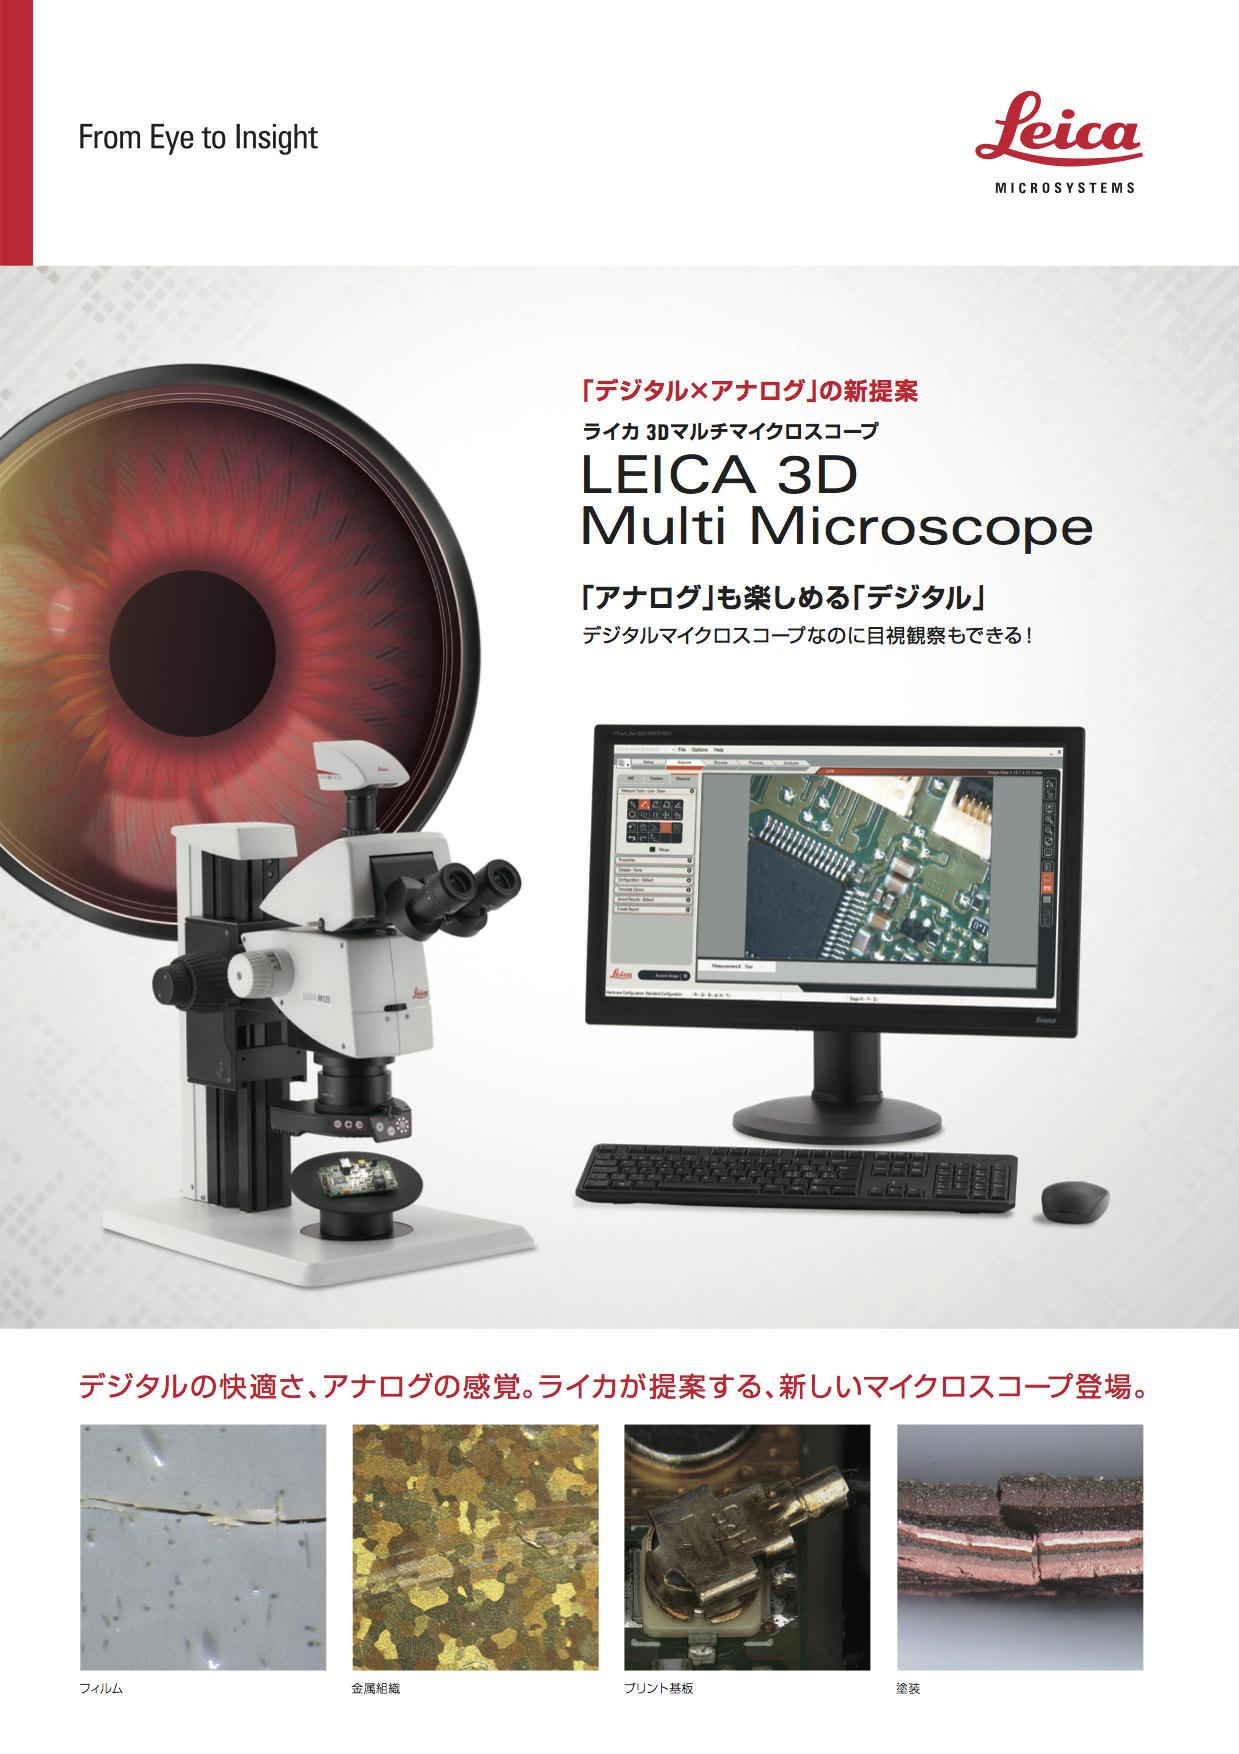 ダウンロード/デジタルマイクロスコープ Leica 3D マルチマイクロスコープカタログ